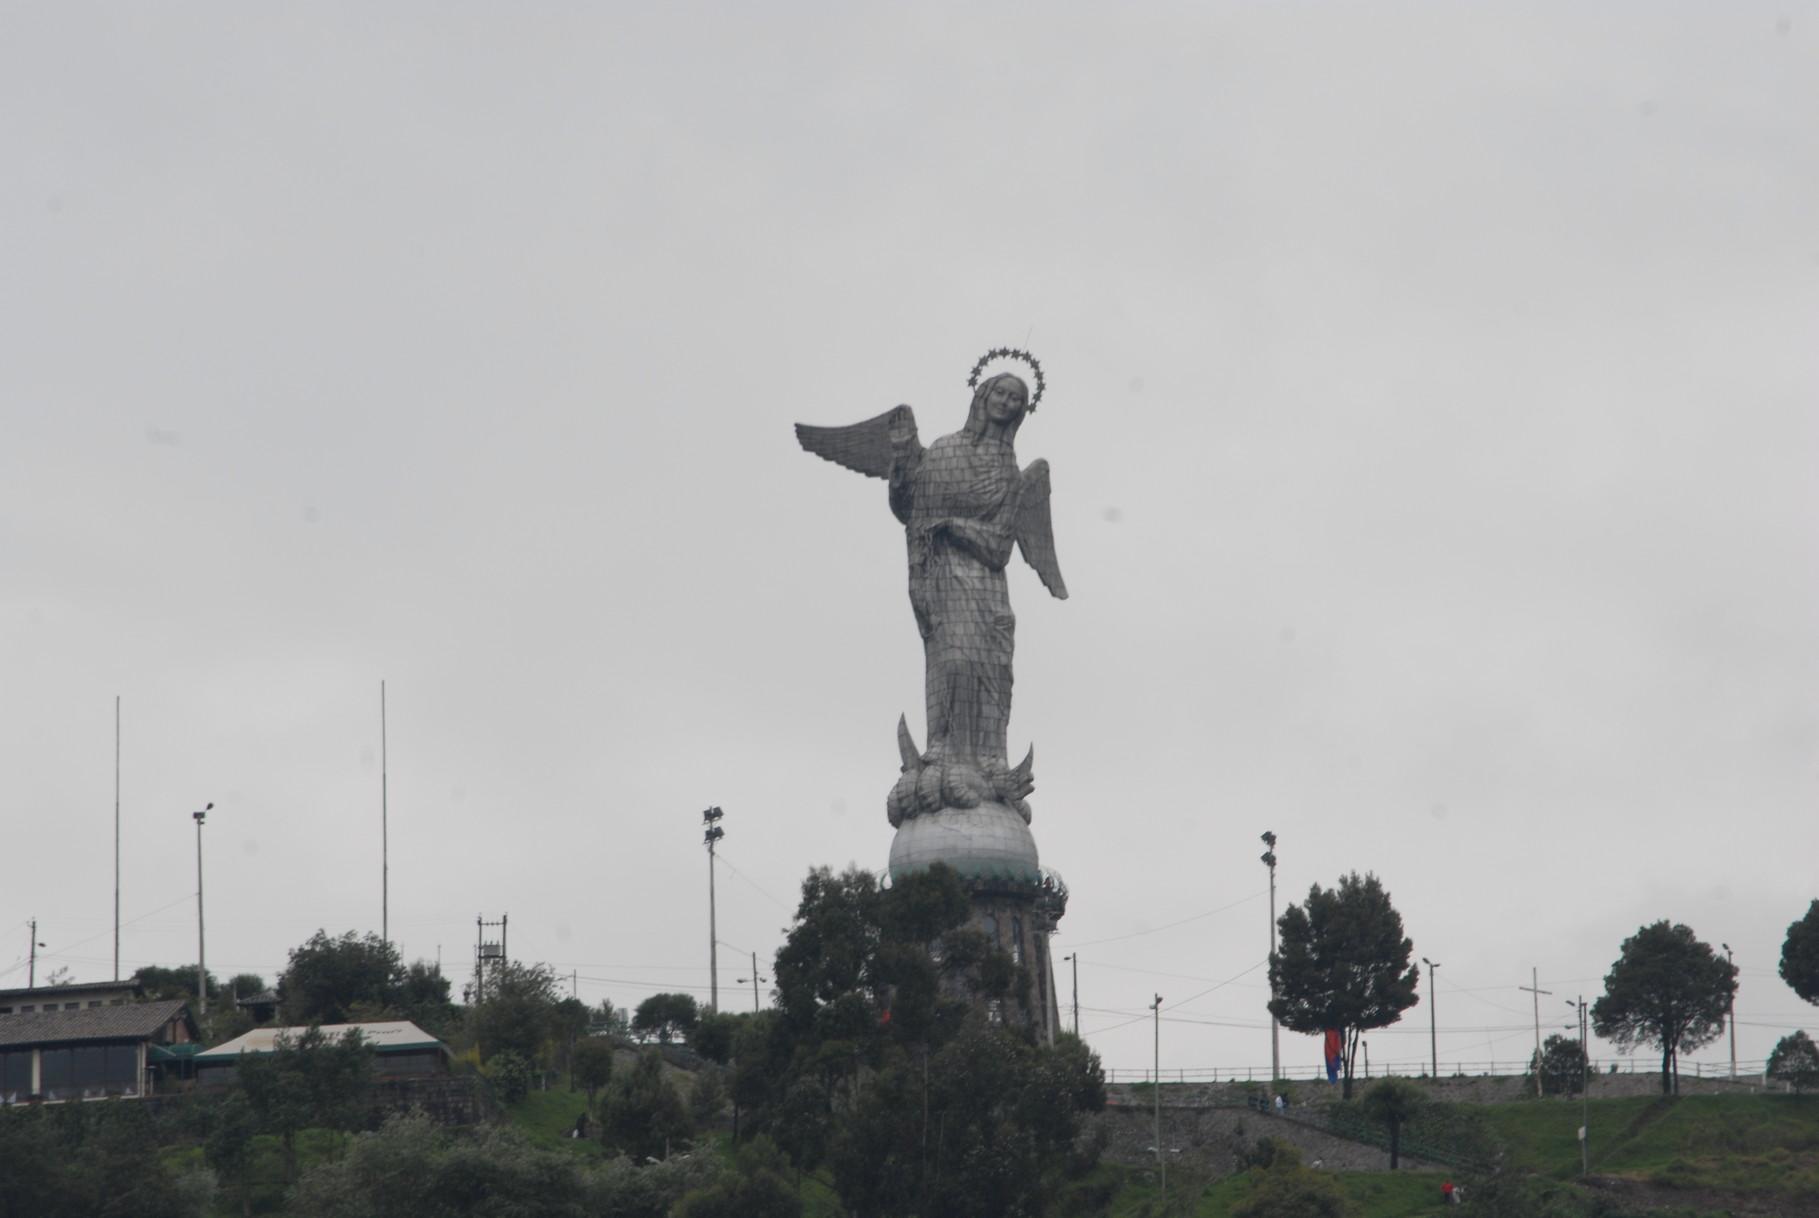 Der Namen der Statue fällt mir jetzt nicht ein, wird aber nachgeliefert